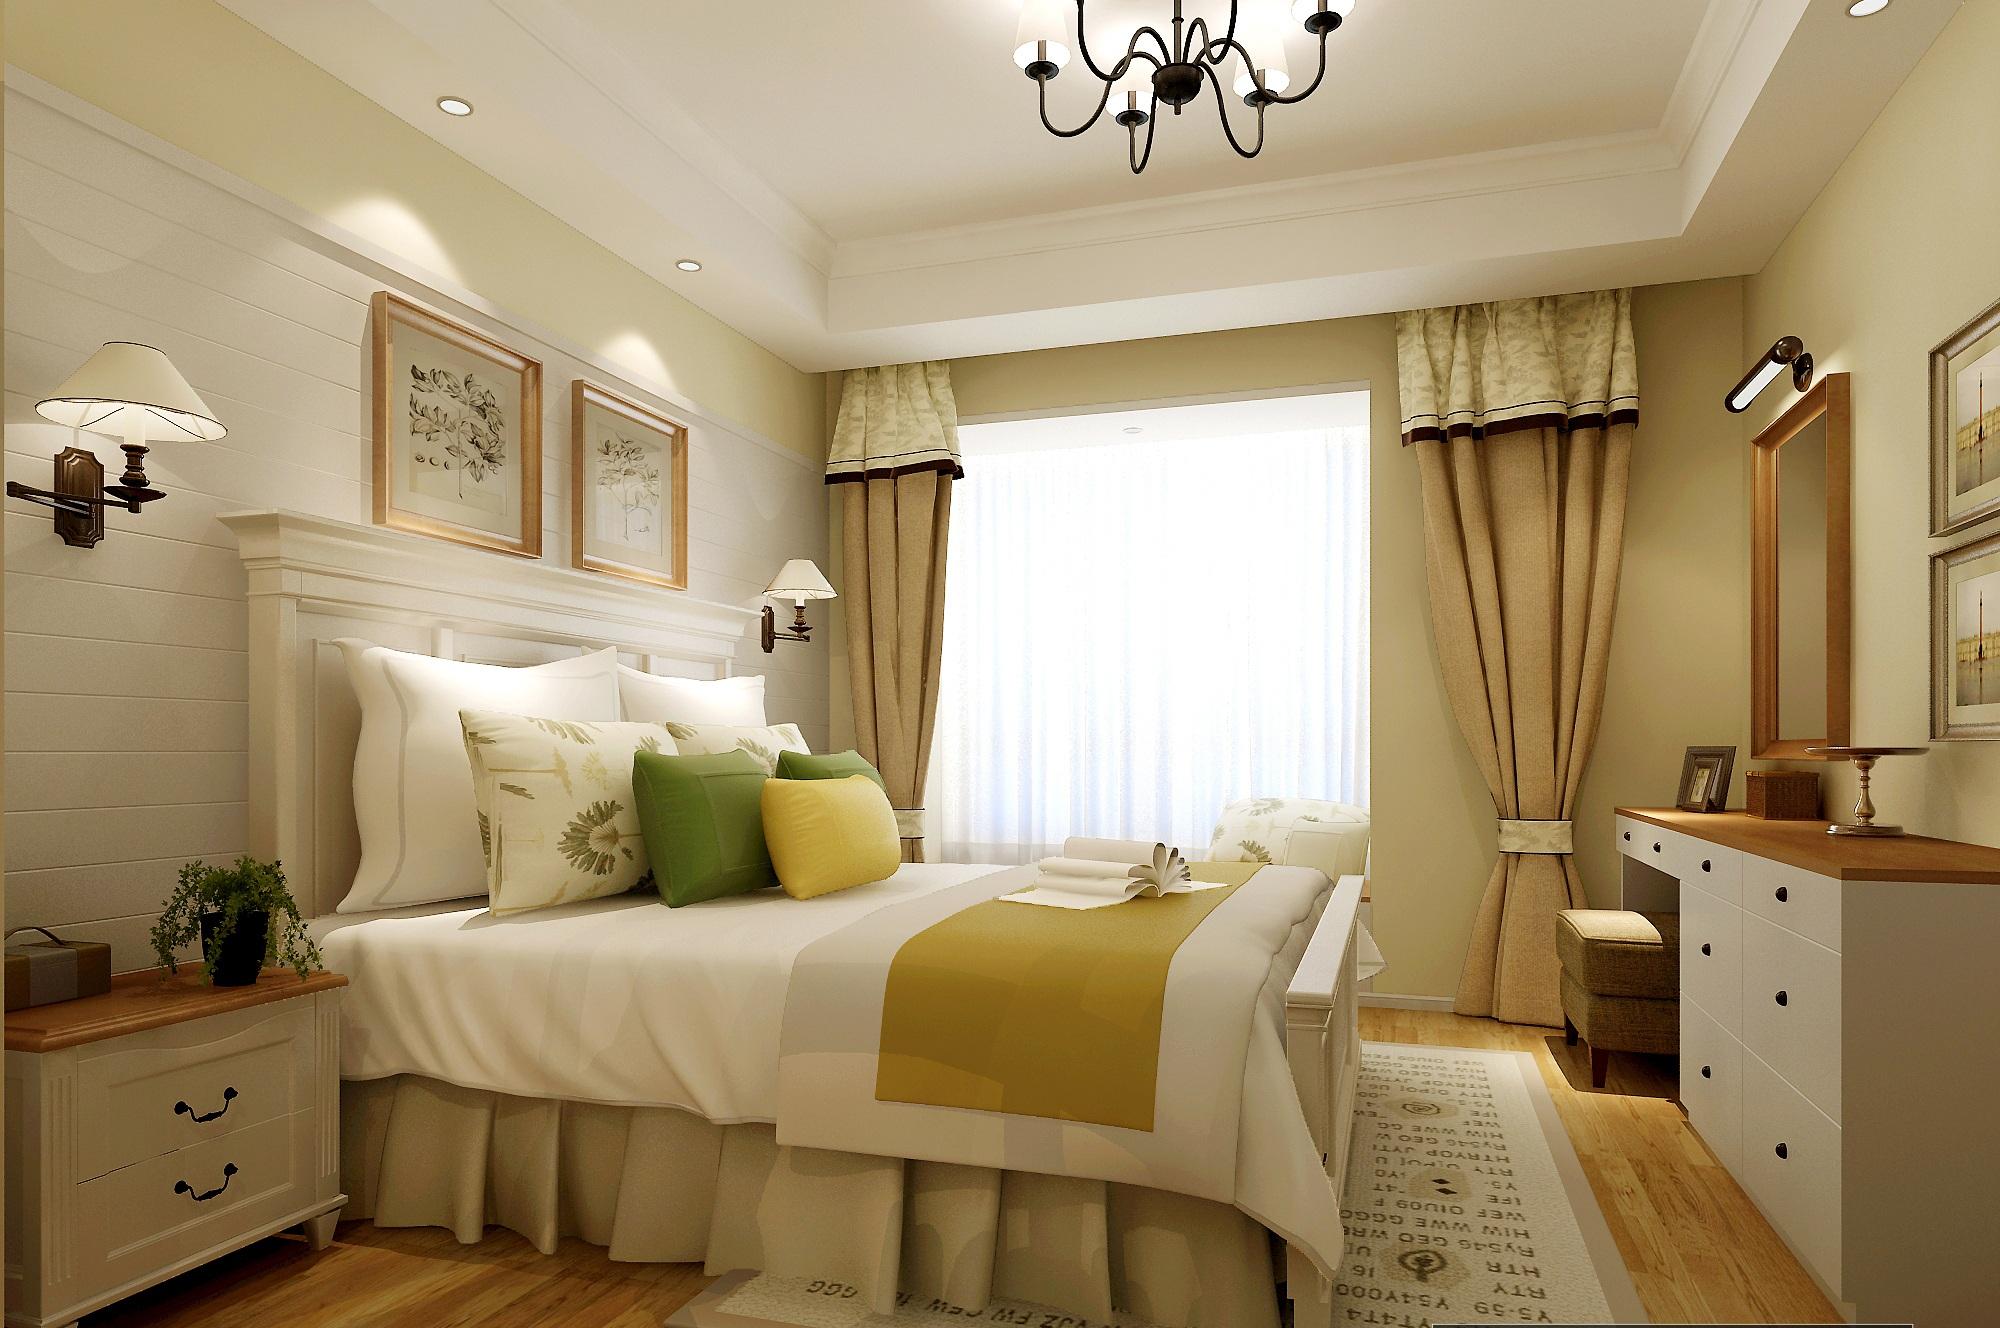 铝质天花板有哪些种类呢?哪种适合家装